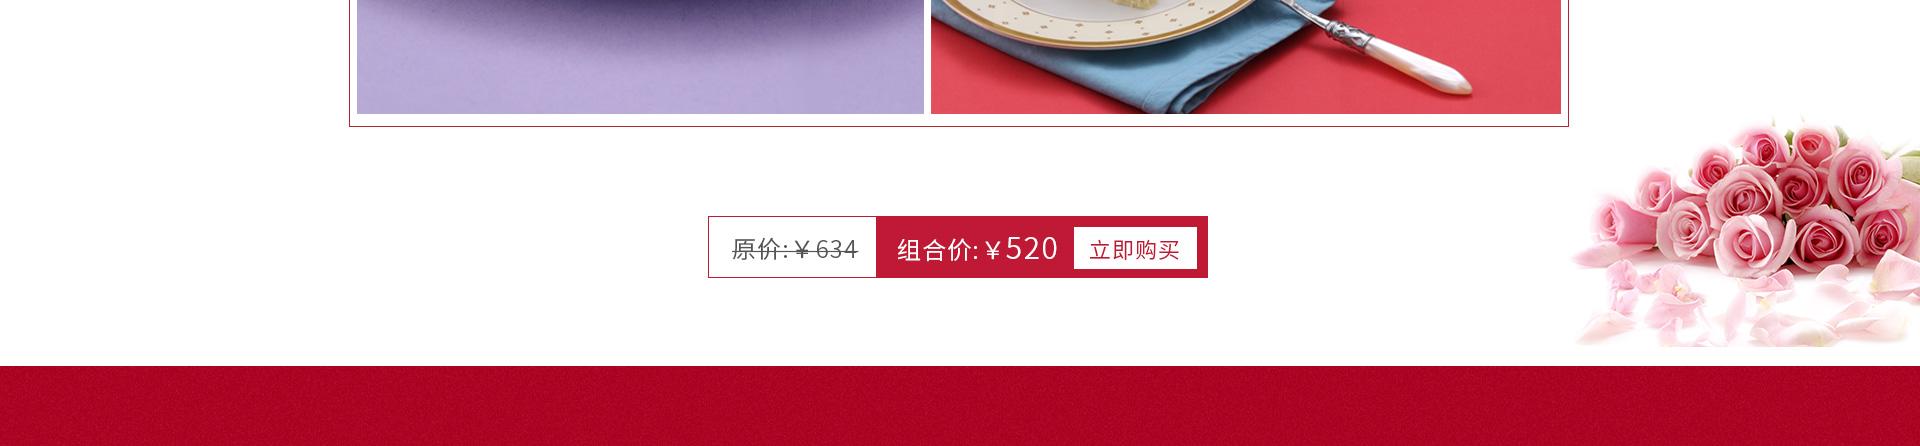 ebeecake小蜜蜂蛋糕 七夕组合蛋糕 初心牛油果低脂蛋糕+永生花礼盒